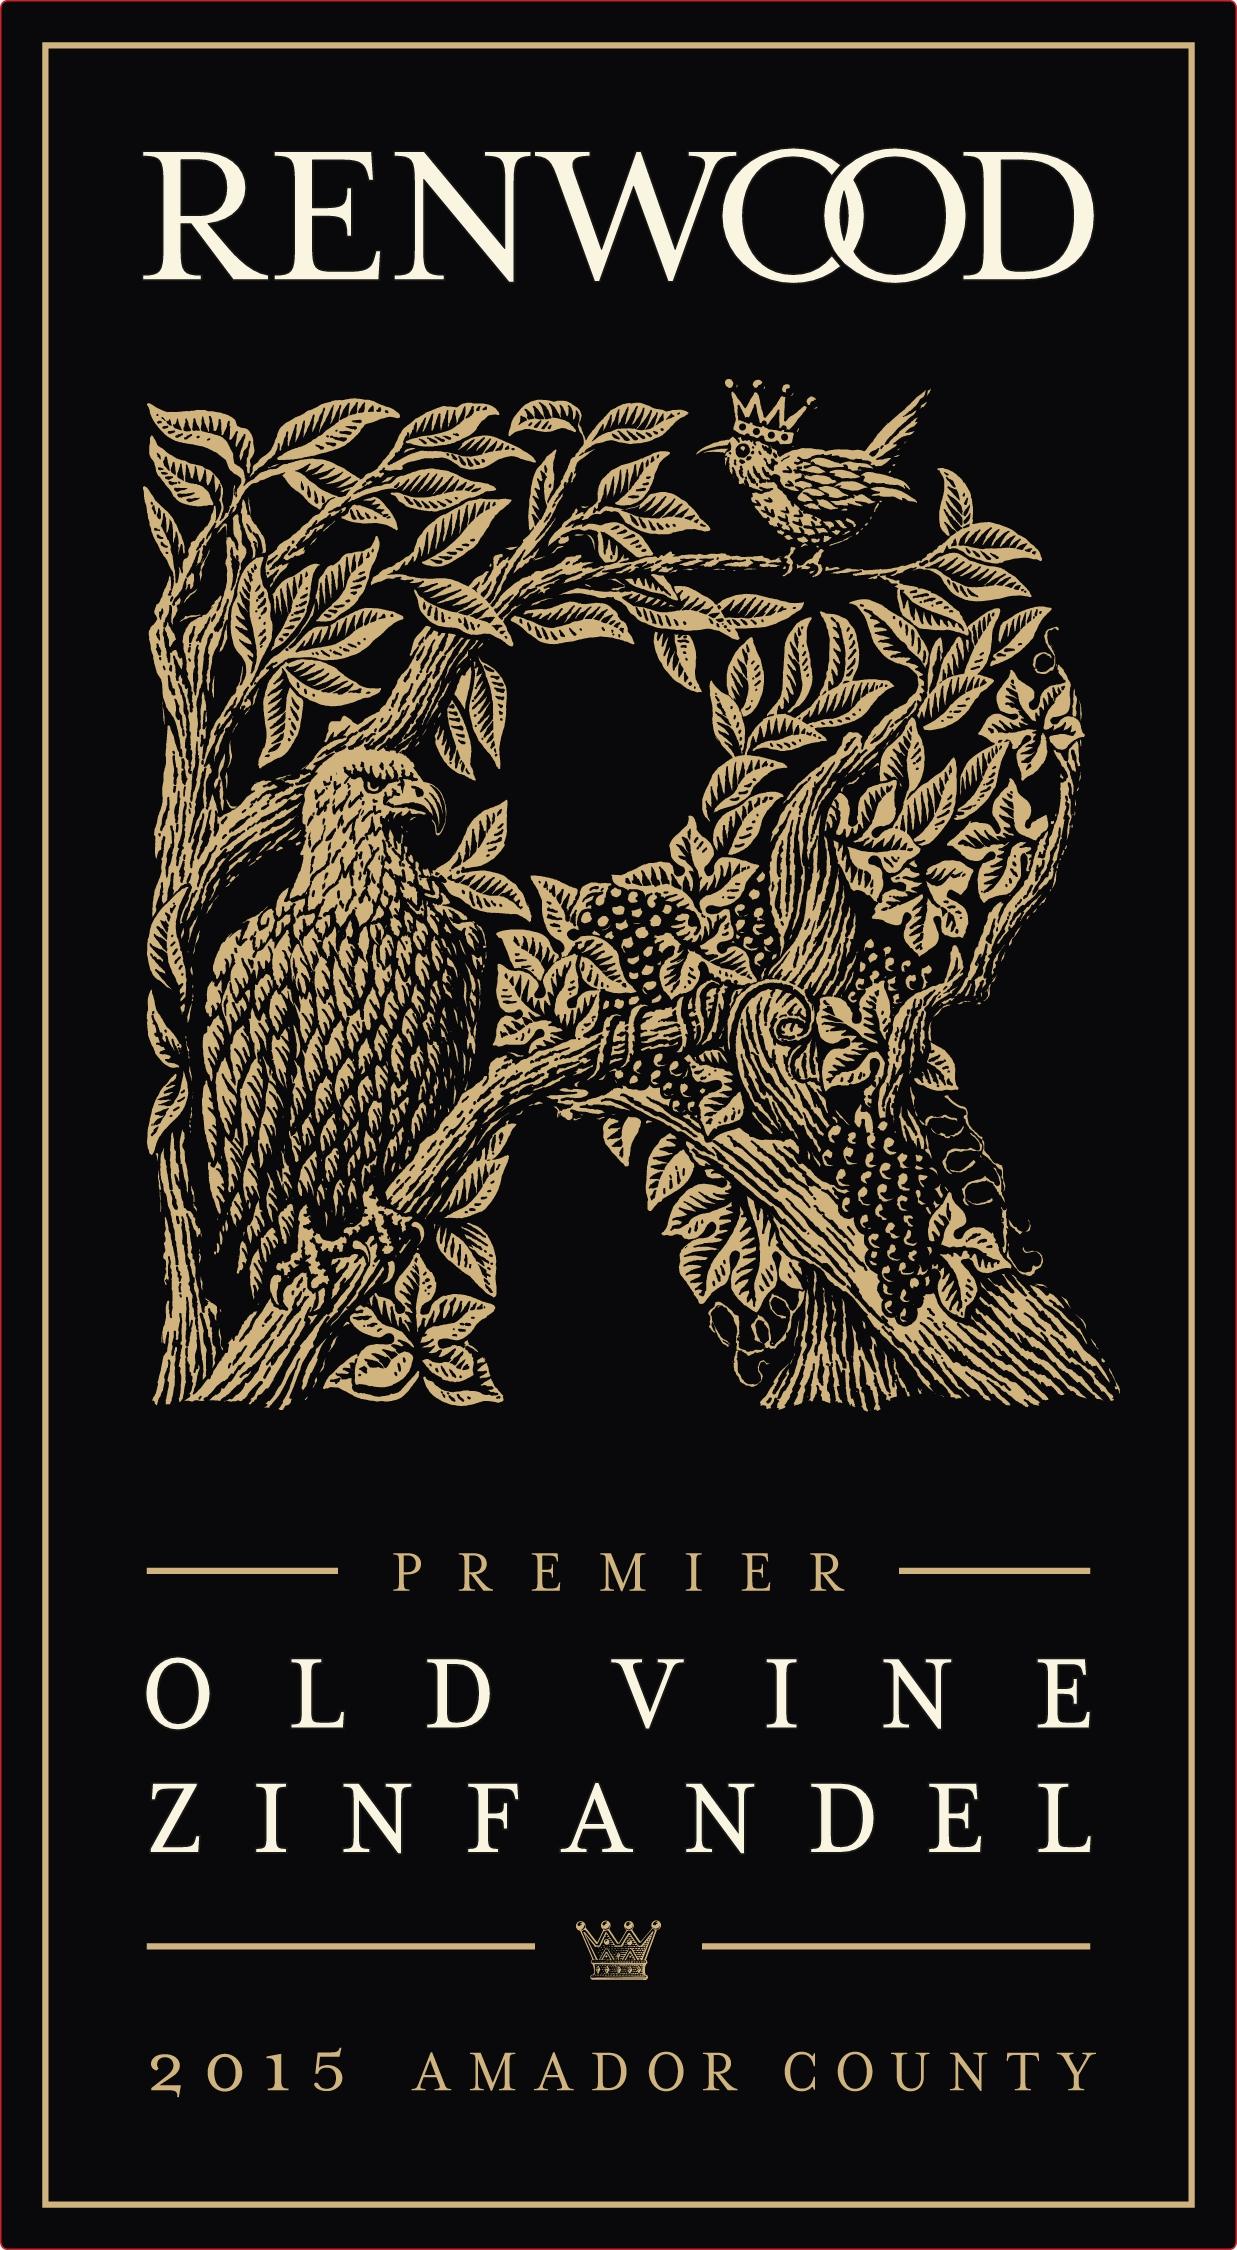 Renwood Premier Old Vine Zinfandel 2015 Front Label.jpg